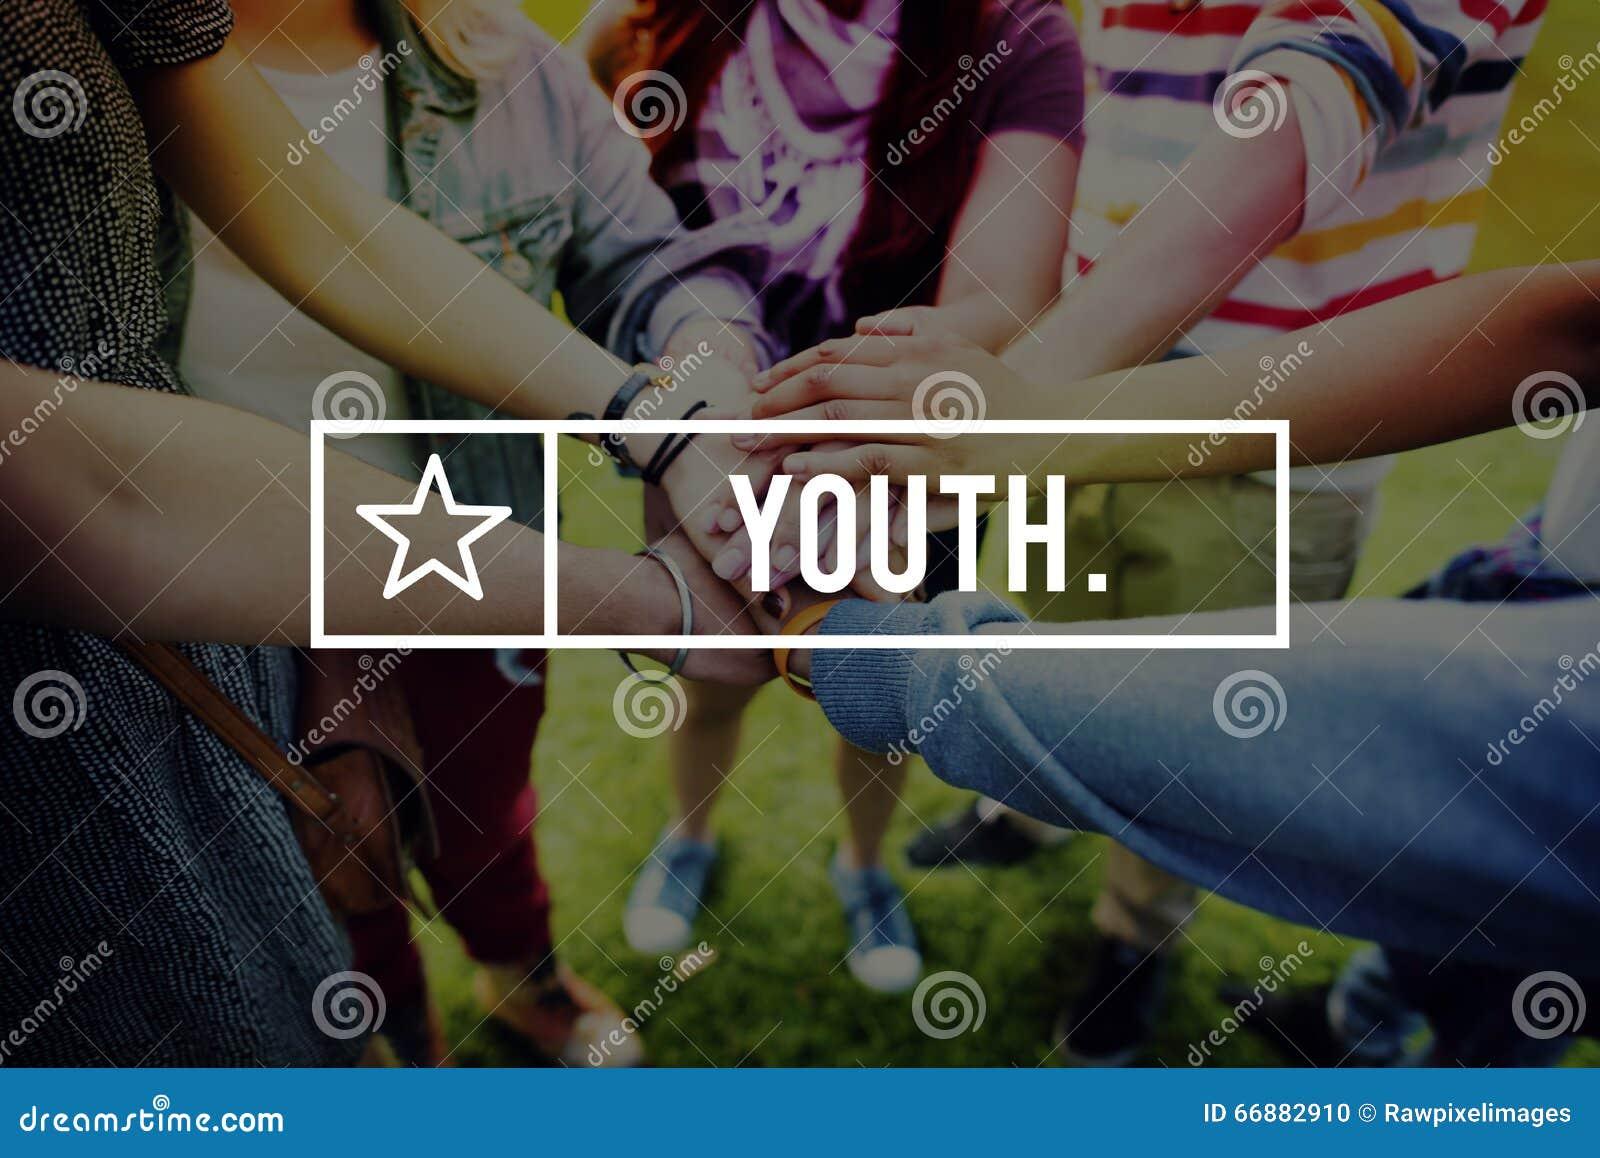 Концепция отрочества поколения подростков молодости